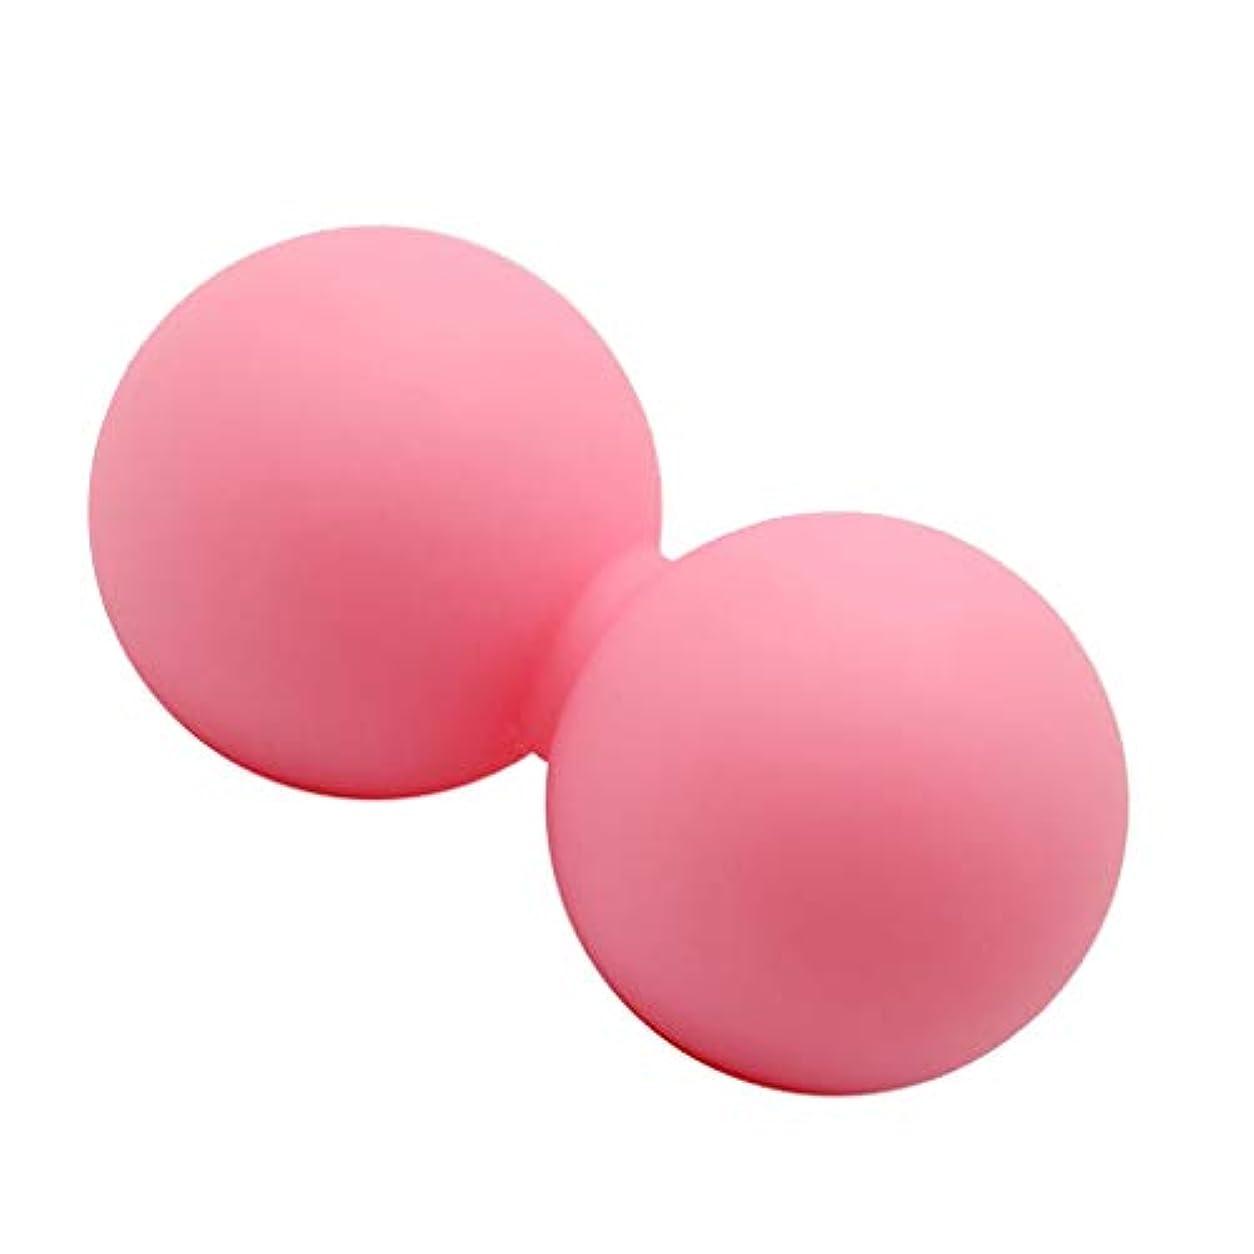 流行カプラーゆりマッサージボール ピーナッツ シリコン 足 足首 腕 首 背中 ボディマッサージ ピンク